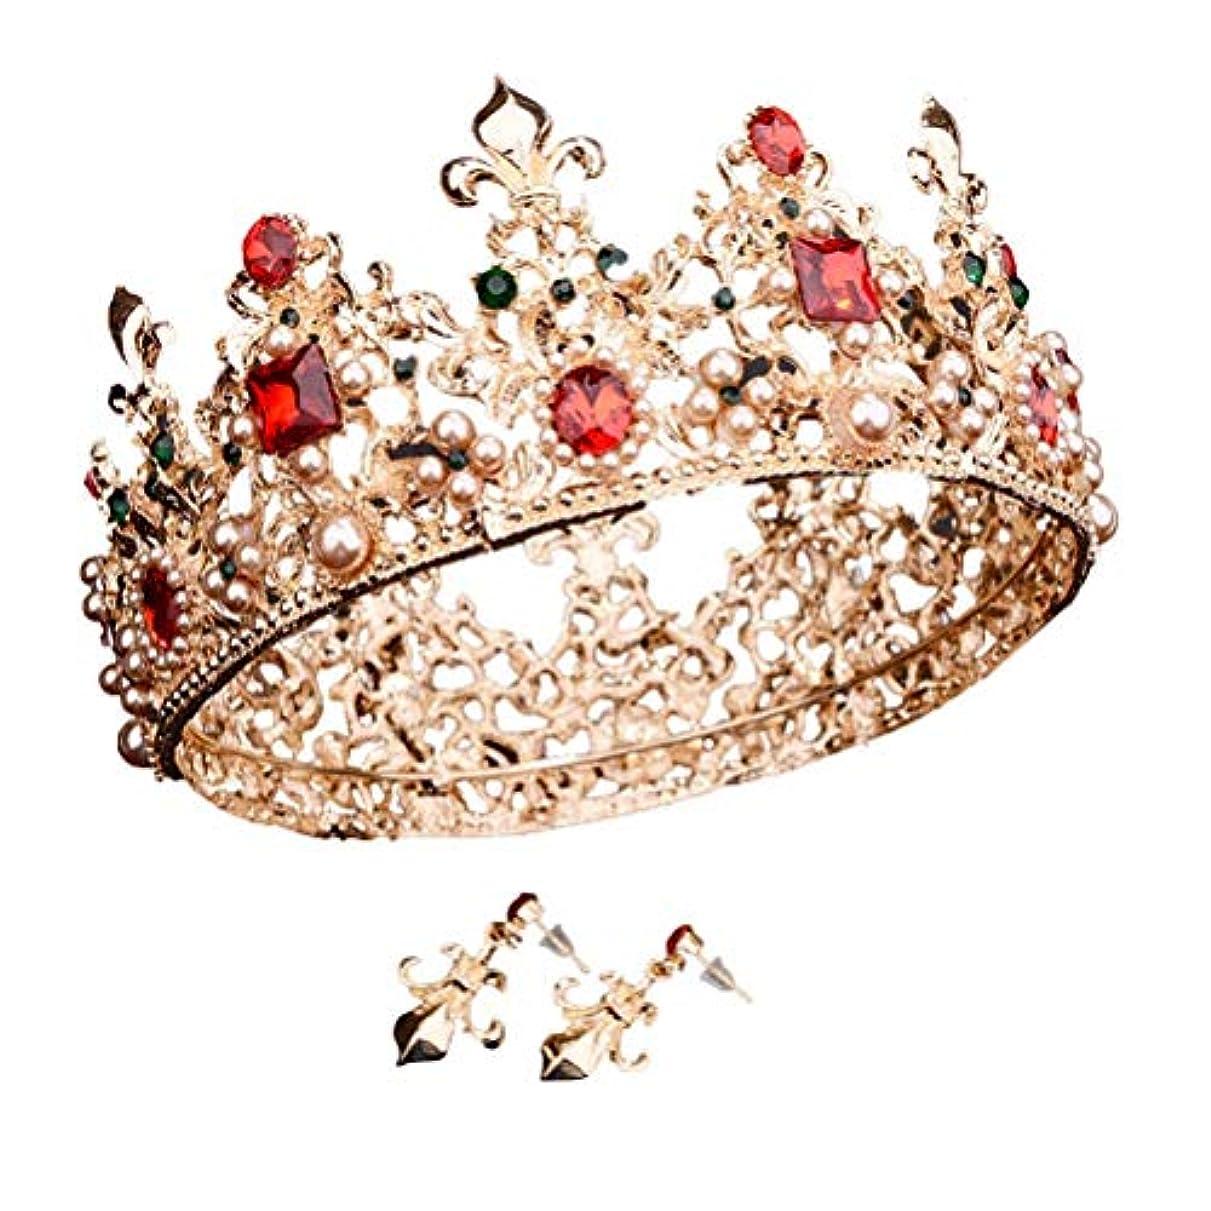 アシュリータファーマン懺悔ピッチャーBeaupretty 女性のためのバロック女王クラウンラインストーンの結婚式の冠とティアライヤリング付きヘアアクセサリー結婚式のかぶと